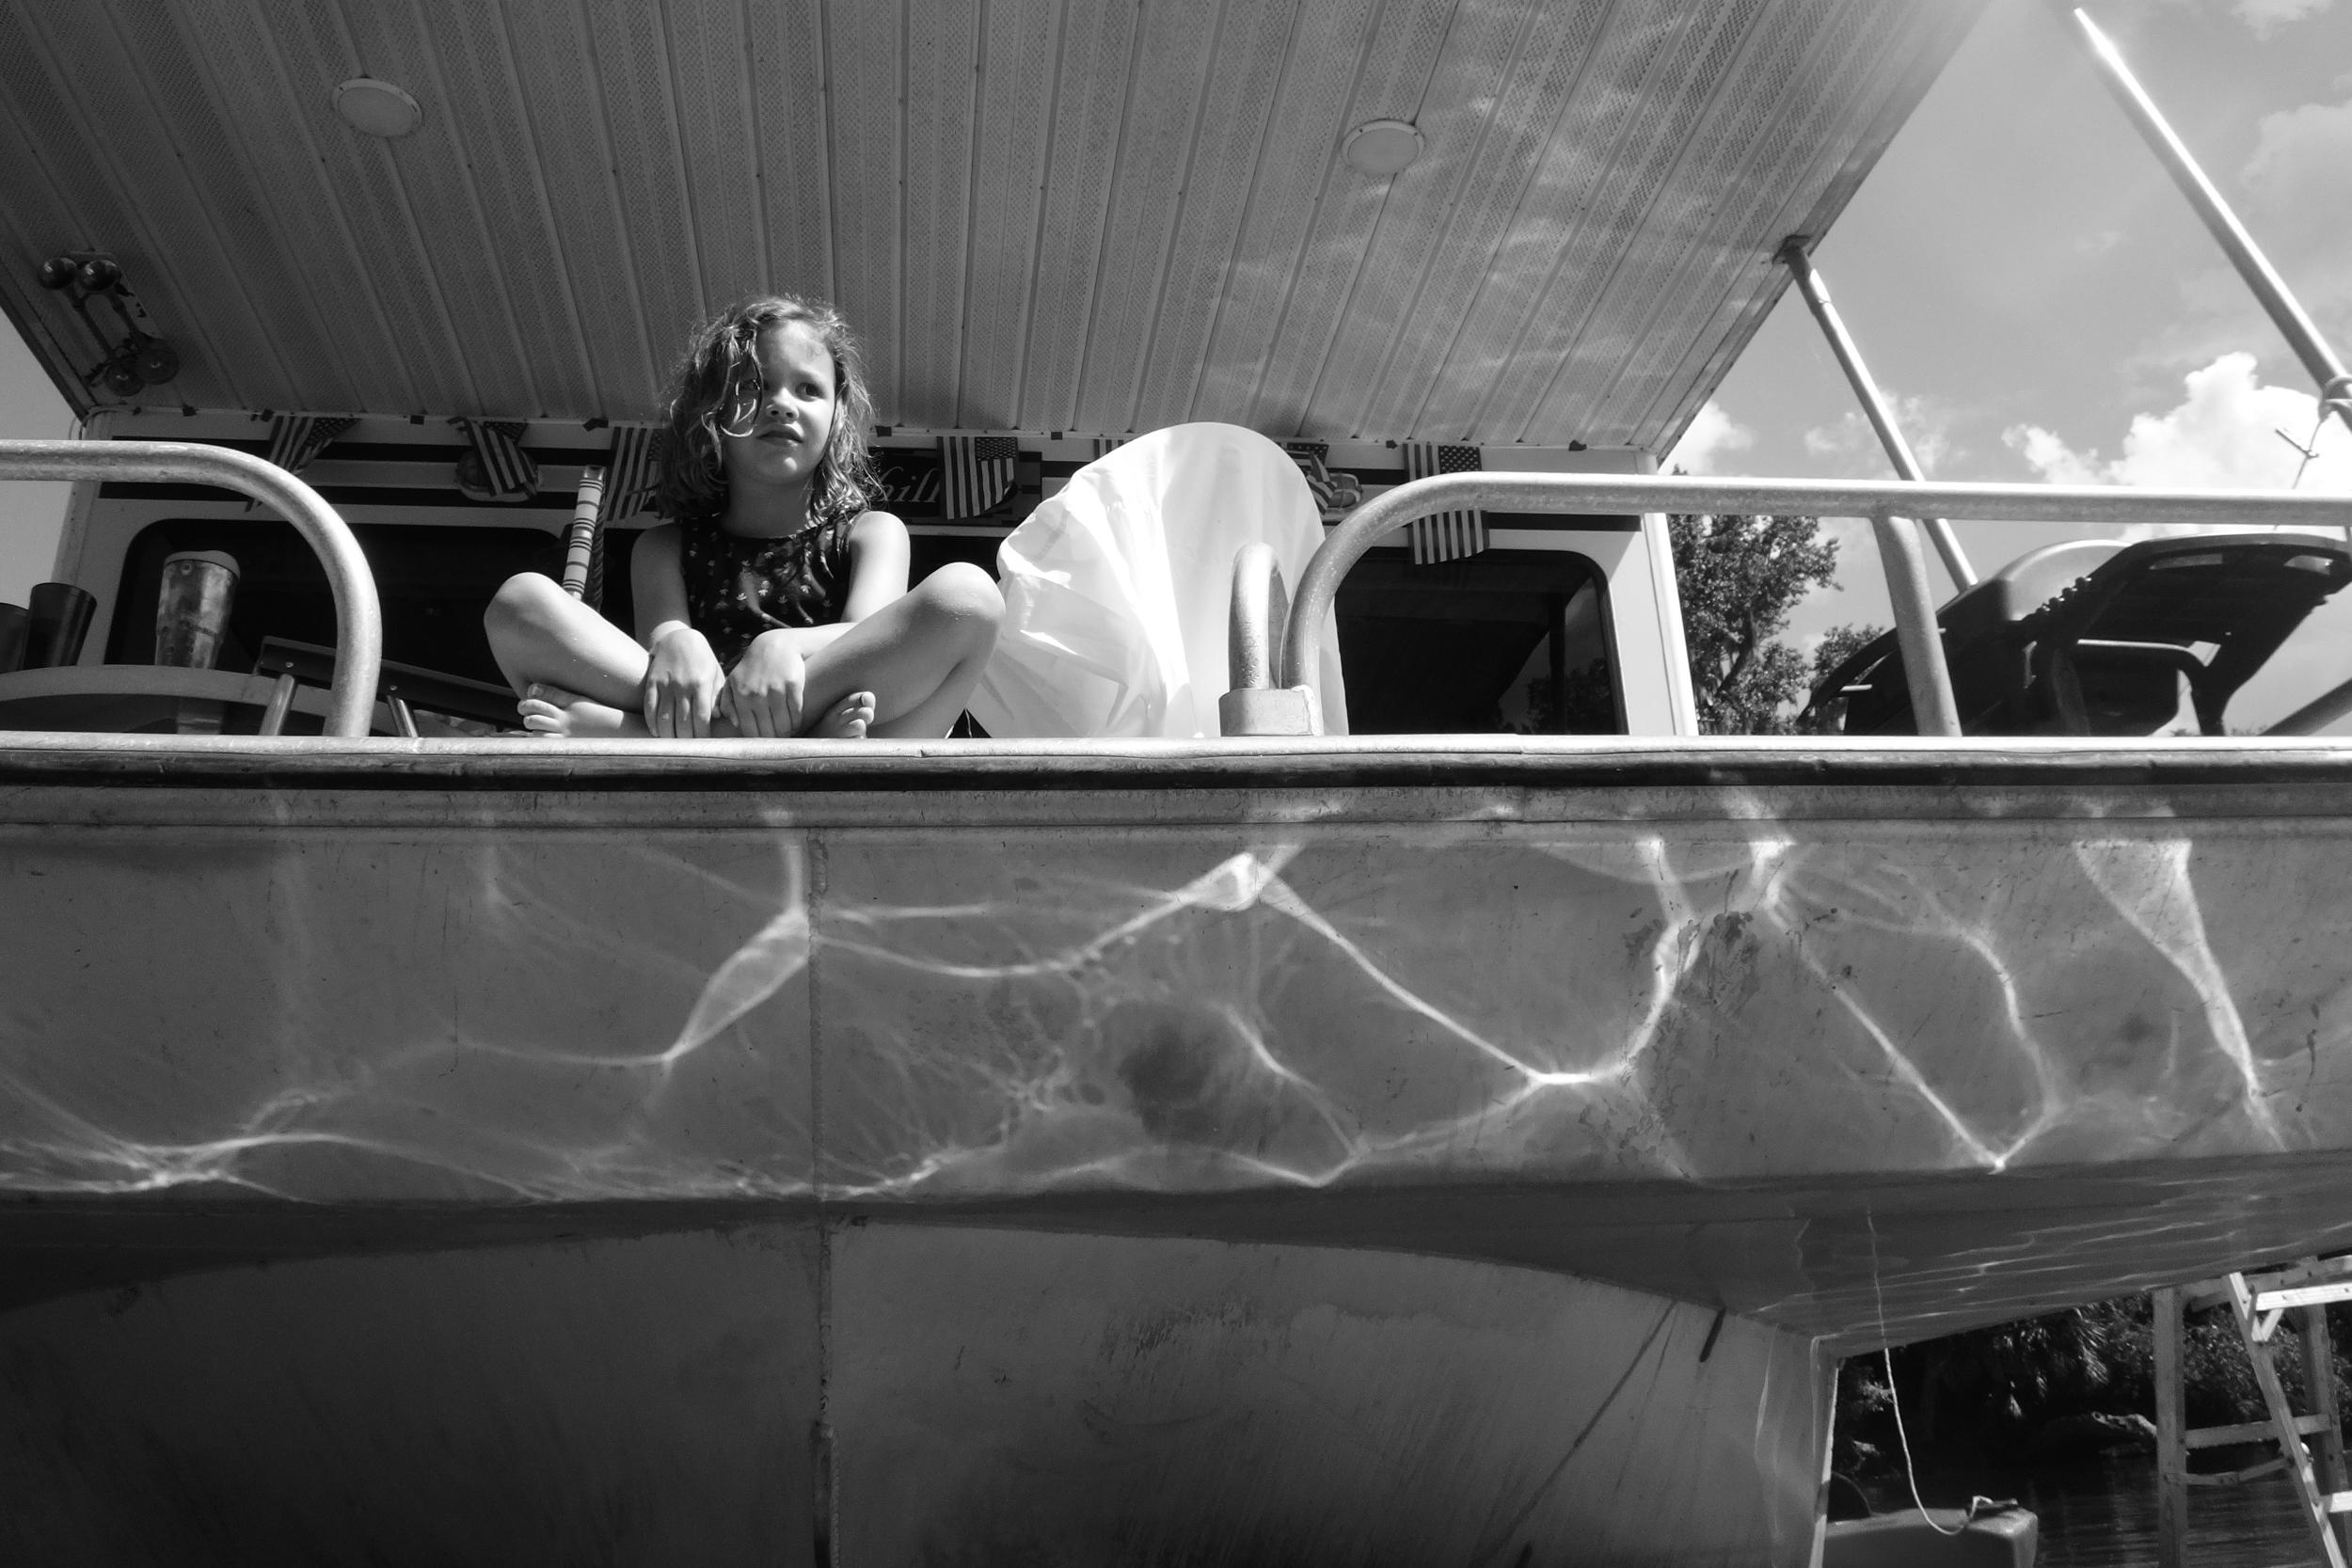 jacksonville-documentary-family-photography-15.jpg